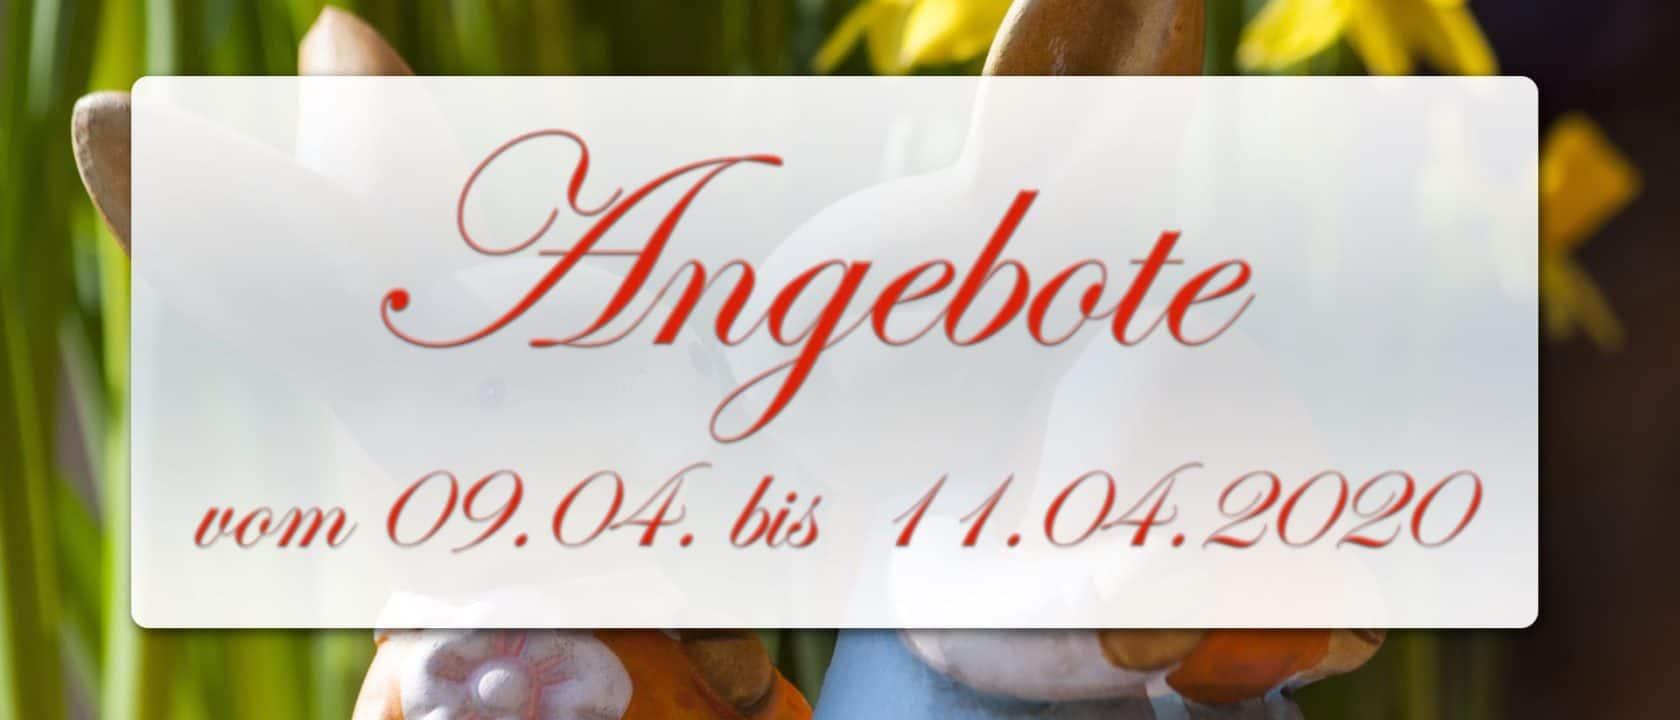 Ostern: Angebote vom 09.04. bis 11.04.2020